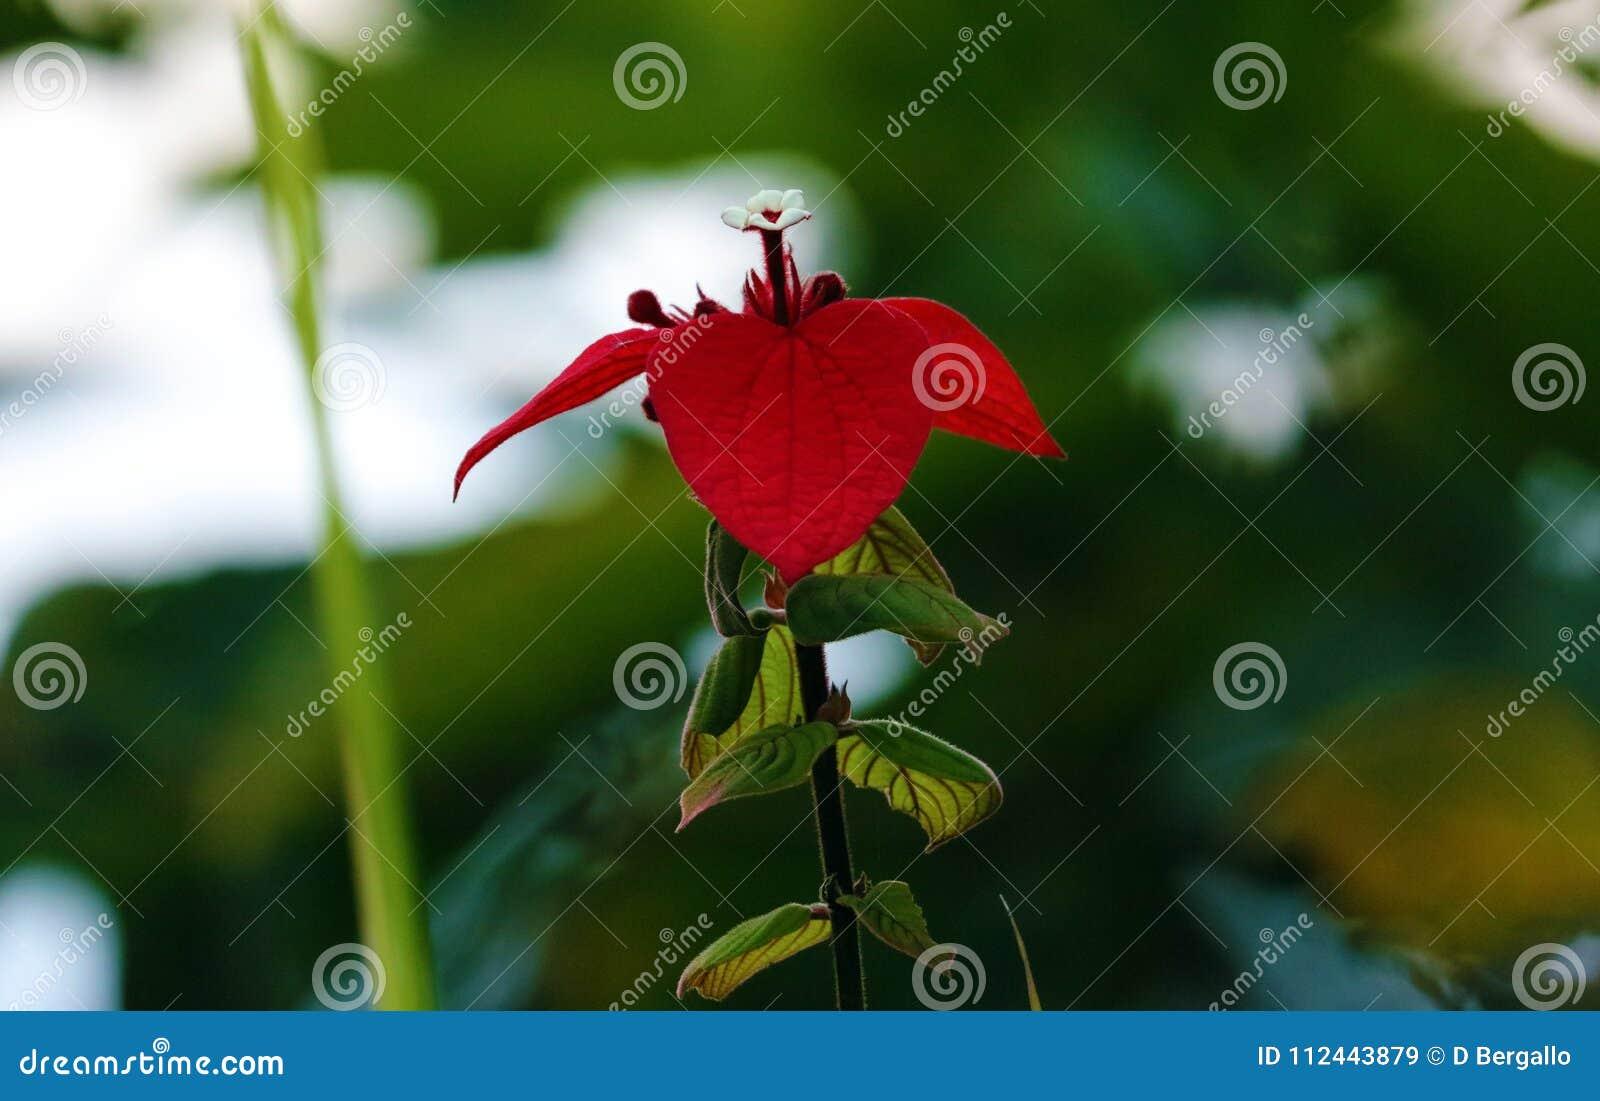 Belle Fleur Rouge De Passion Fleur Magnifique D Usine Dans La